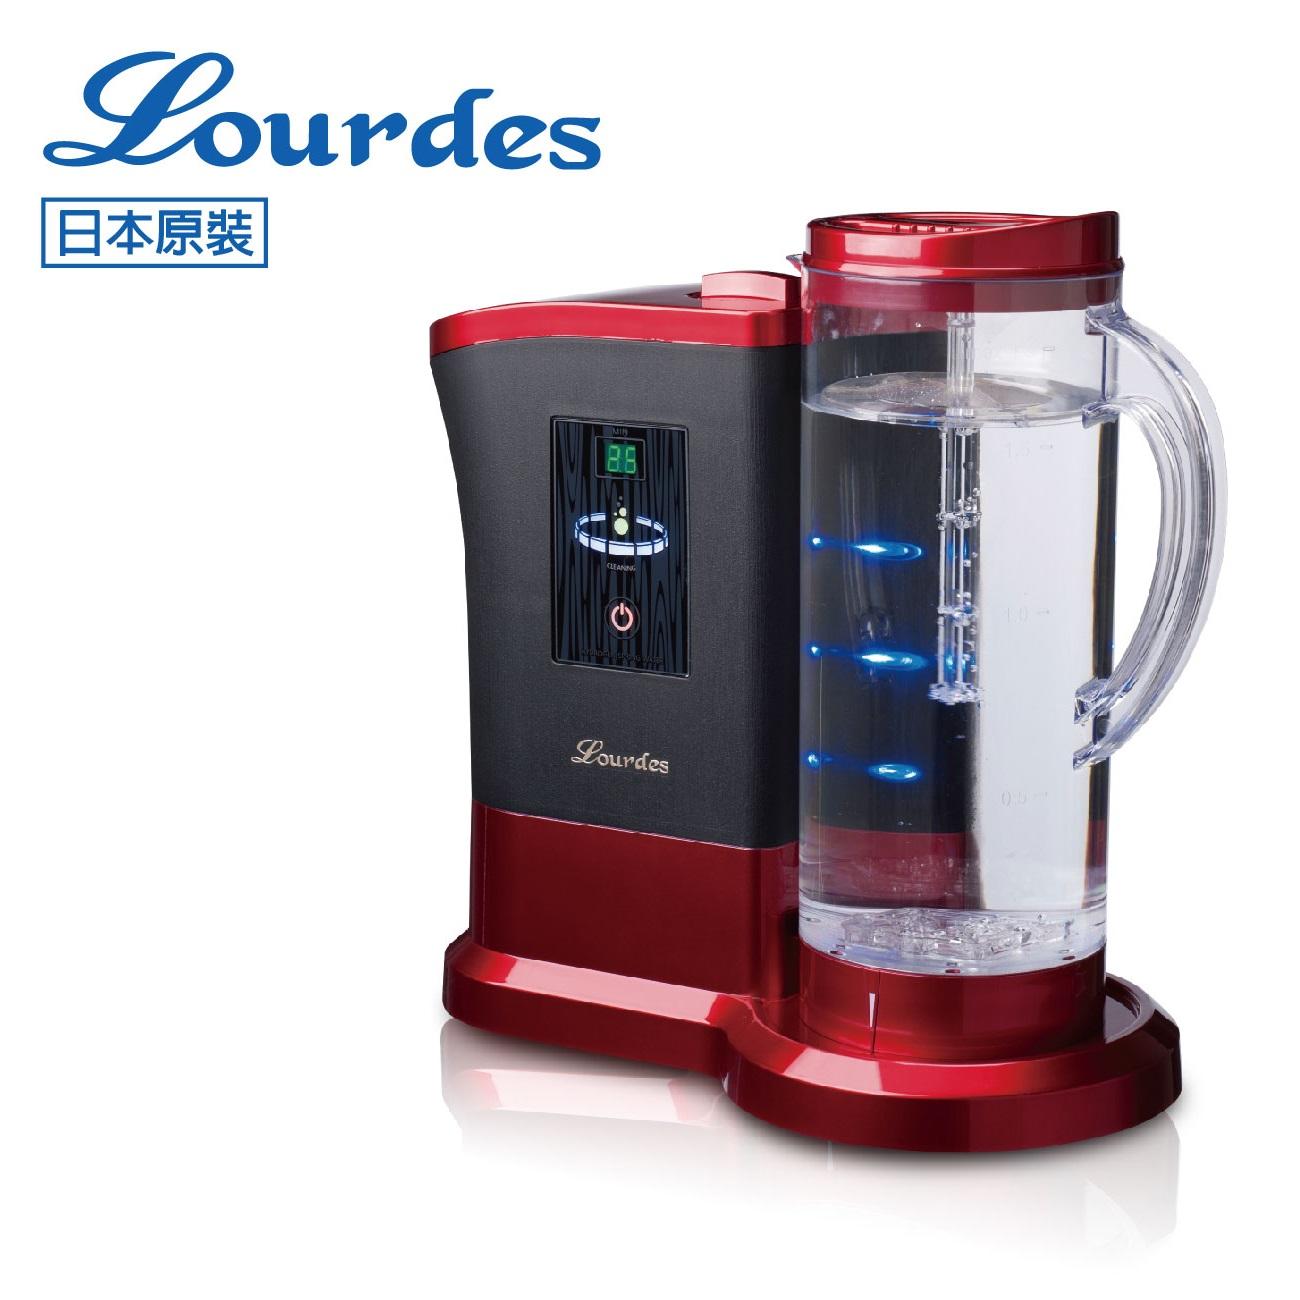 【淨水生活】日本Lourdes 羅德氫騎兵負氫水(高濃度水素水生成器) 水界明日之星 日本原裝進口 - 紅酒紅